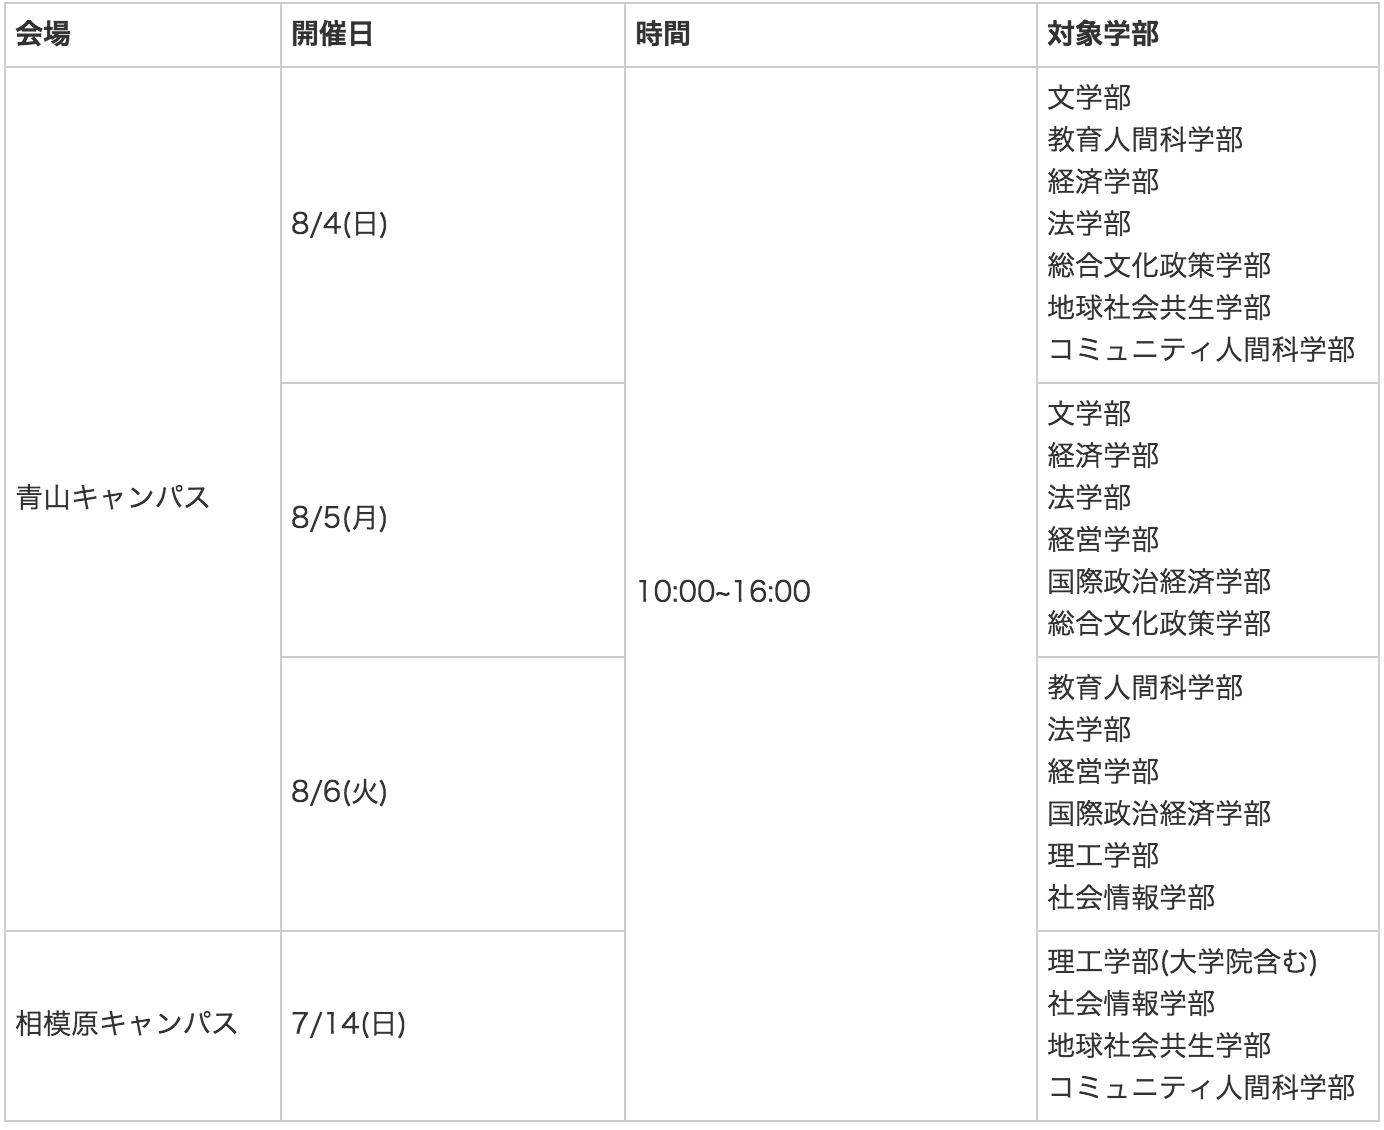 青山学院大学オープンキャンパス日程(2019年版)